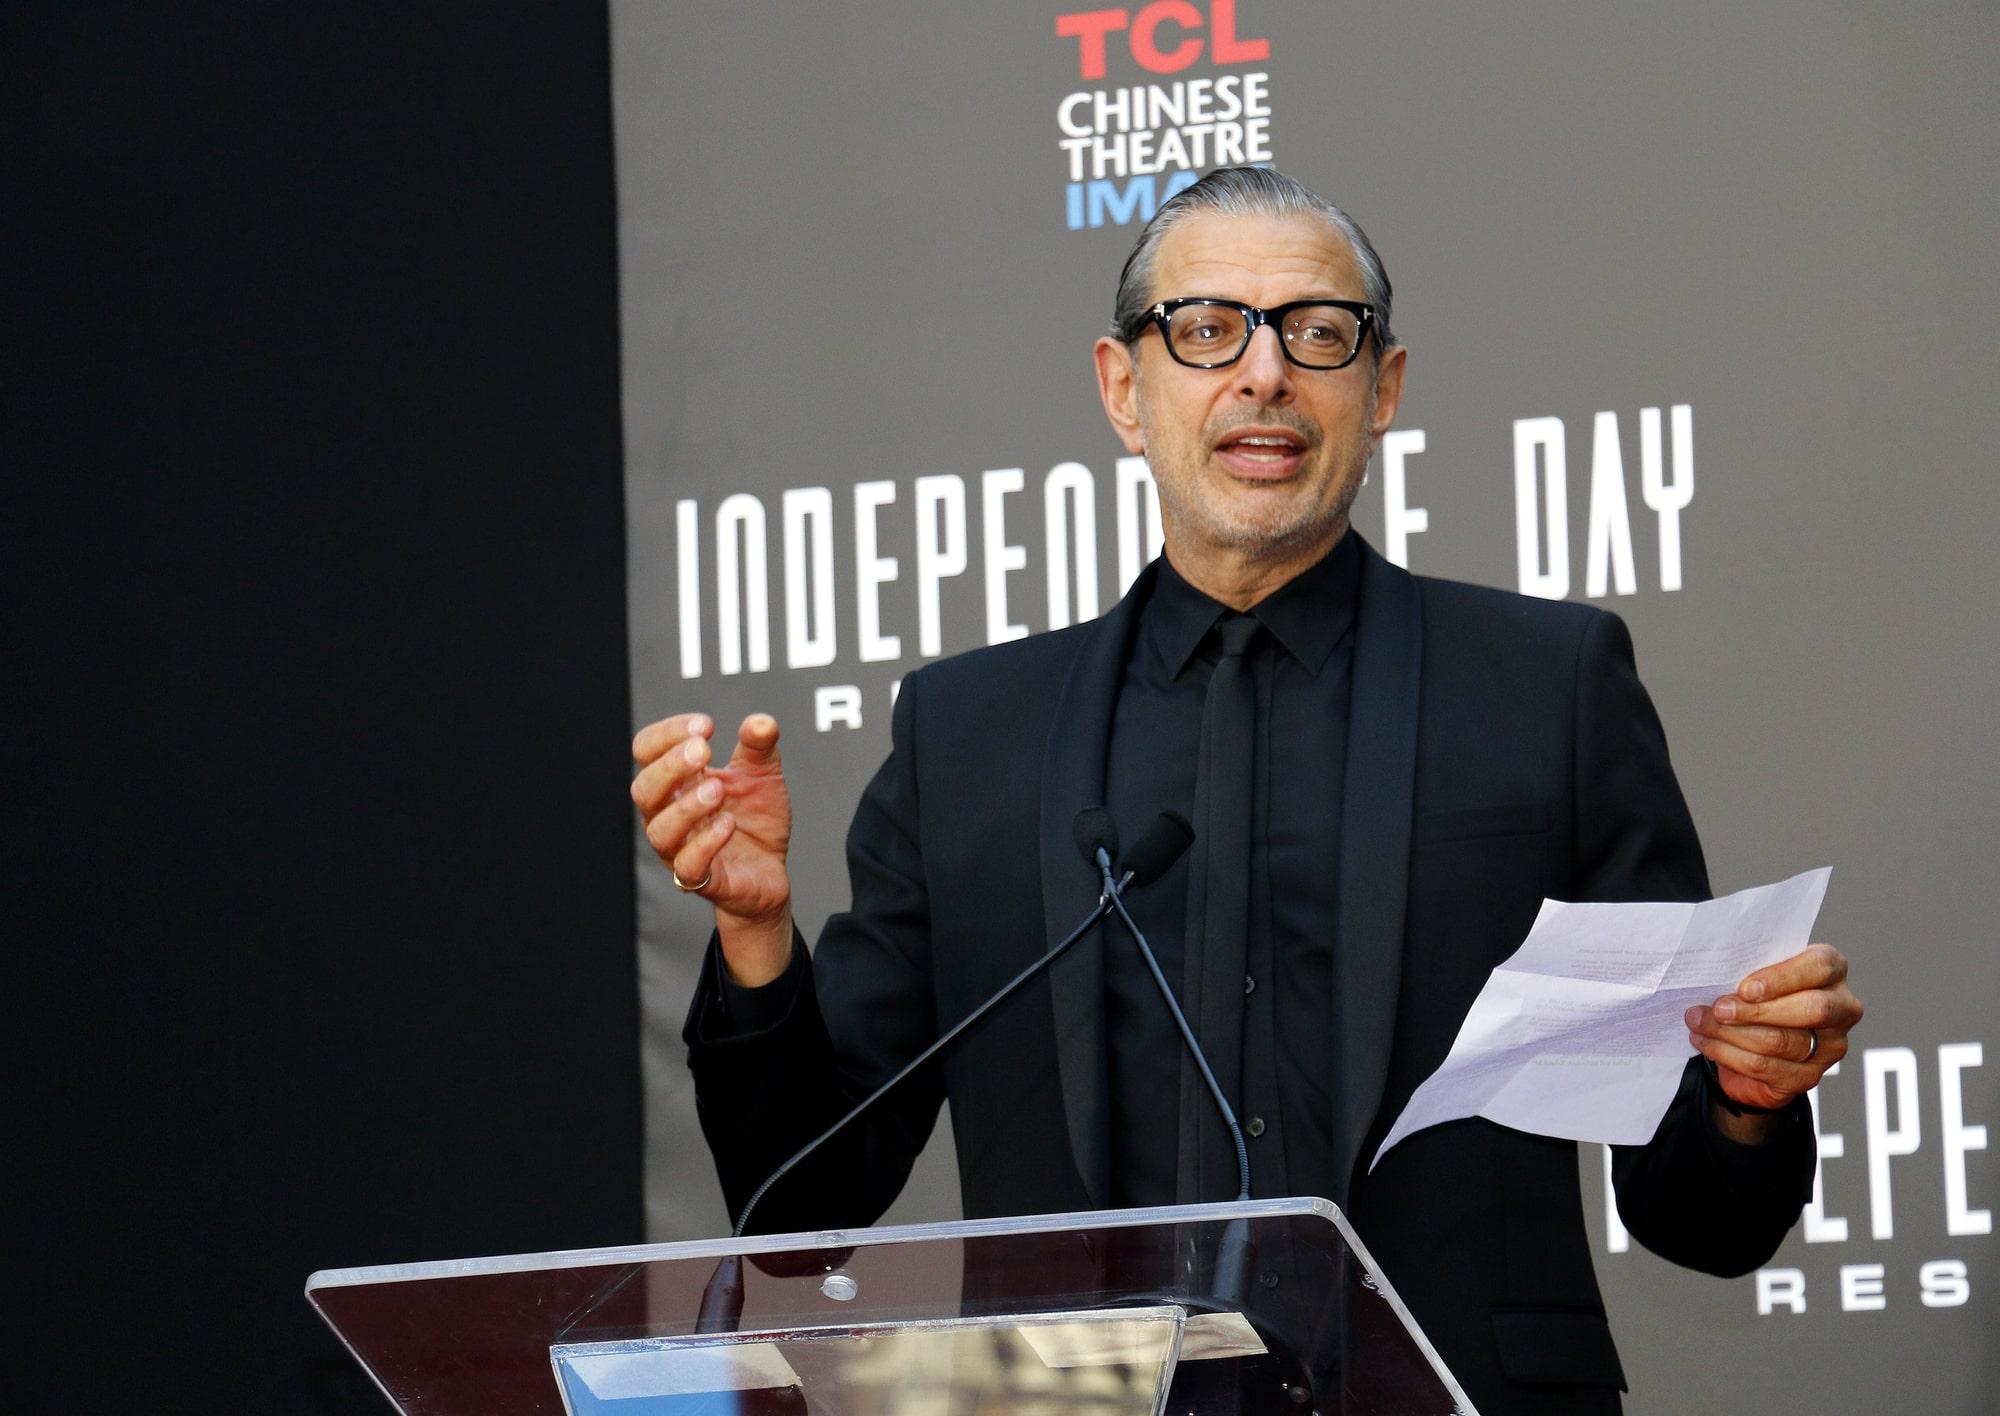 Джефф Голдблюм рассказал, что фильм «Мир юрского периода: Власть» изменили из-за коронавируса